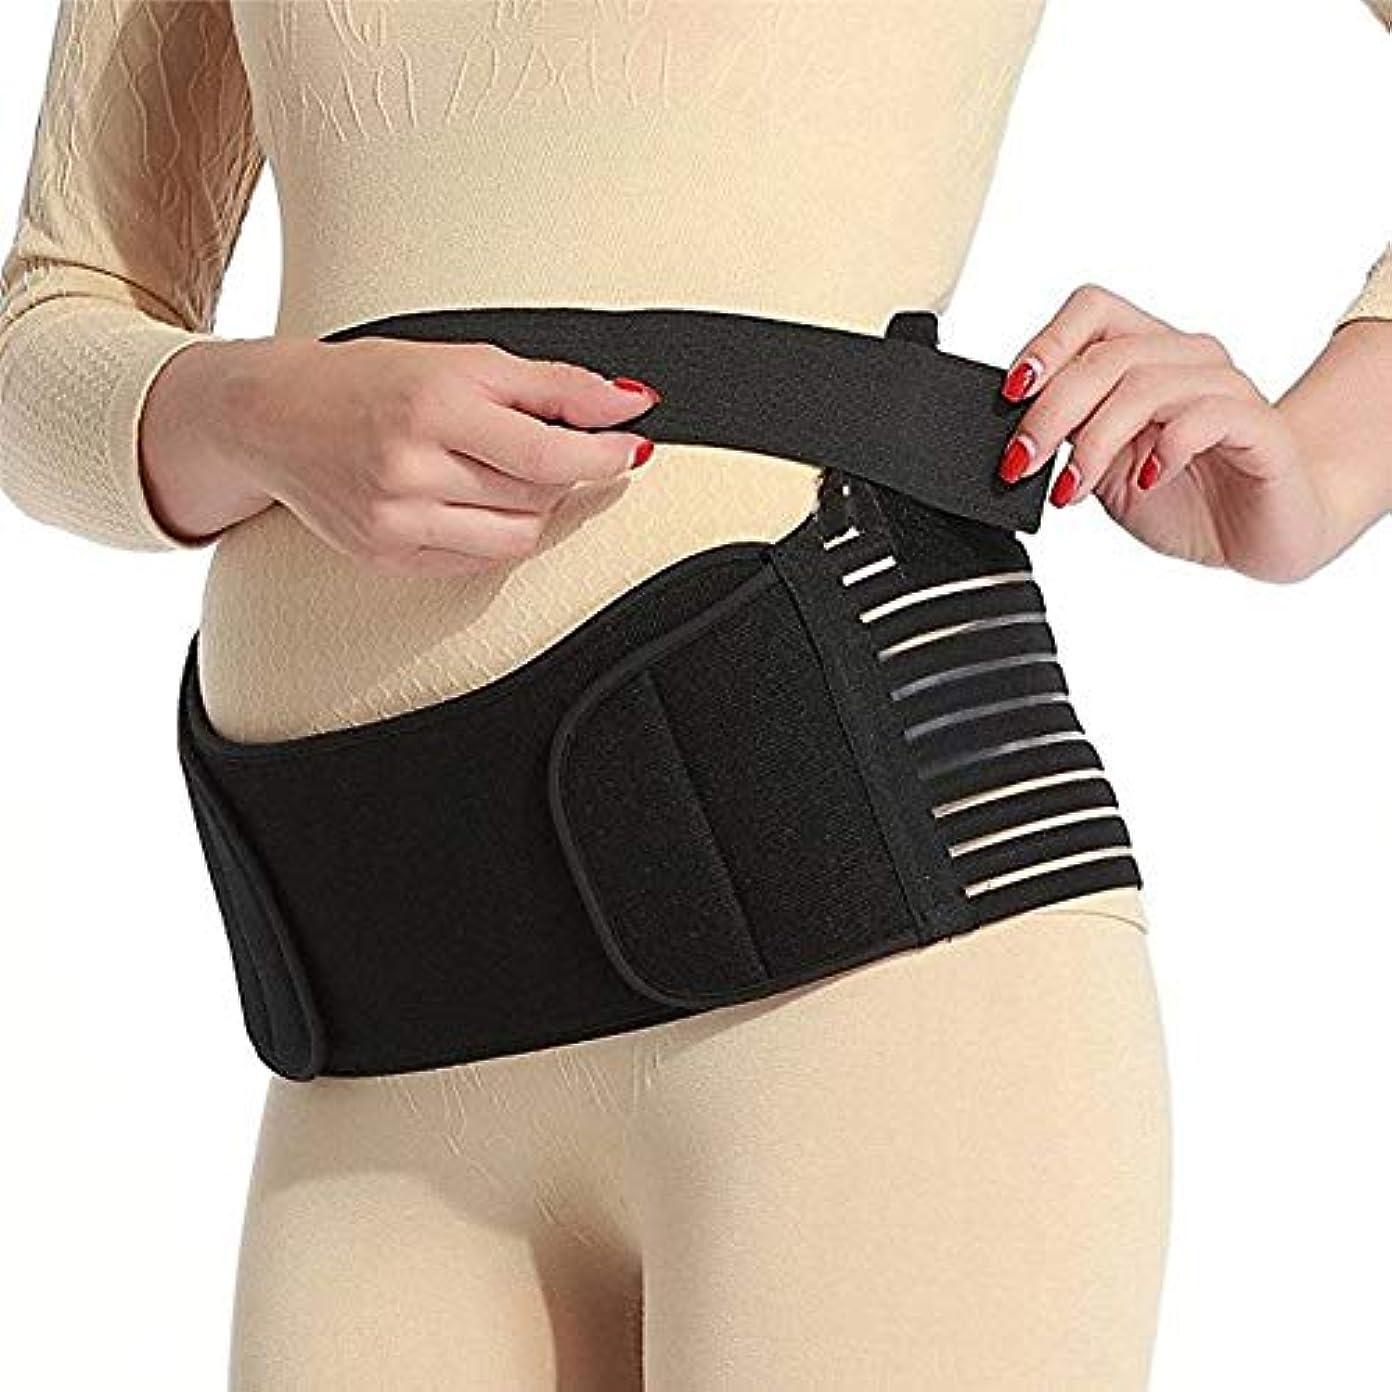 ストライクブラストモロニック通気性マタニティベルト妊娠中の腹部サポート腹部バインダーガードル運動包帯産後の回復shapewear - ブラックM